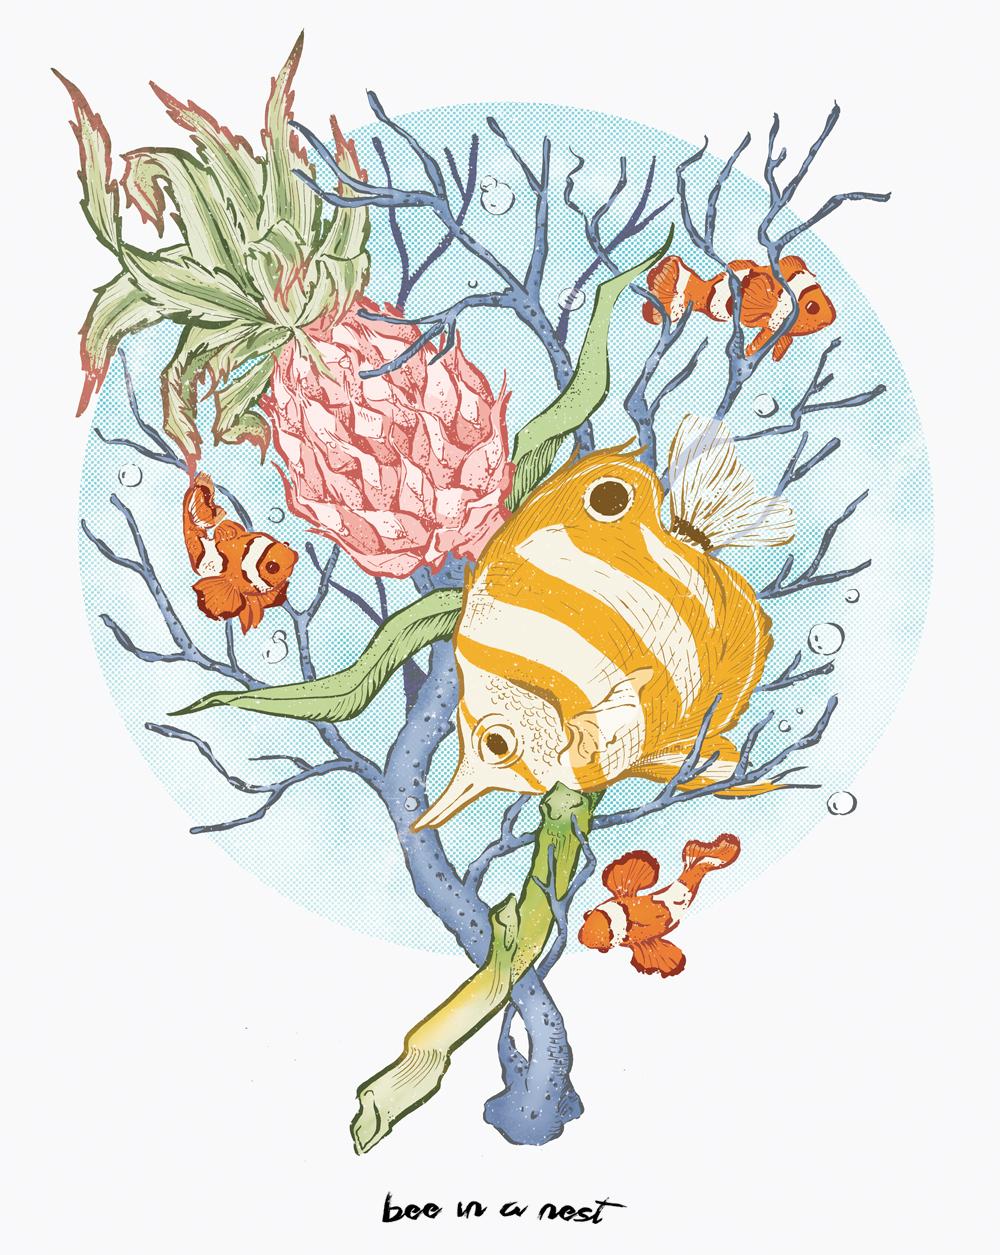 Un bouquet un po' acquatico un po' tropicale - Nasce come esperimento per variare il mio stile, ma alla fine é dura allontanarsi dalle abitudini. Nella mia testa ho tutto un nuovo mondo immaginario che vuole venire fuori, ma ancora non so bene inquadrare la via da prendere.Per ora é chiaro che ho proprio voglia di vacanze al mare!